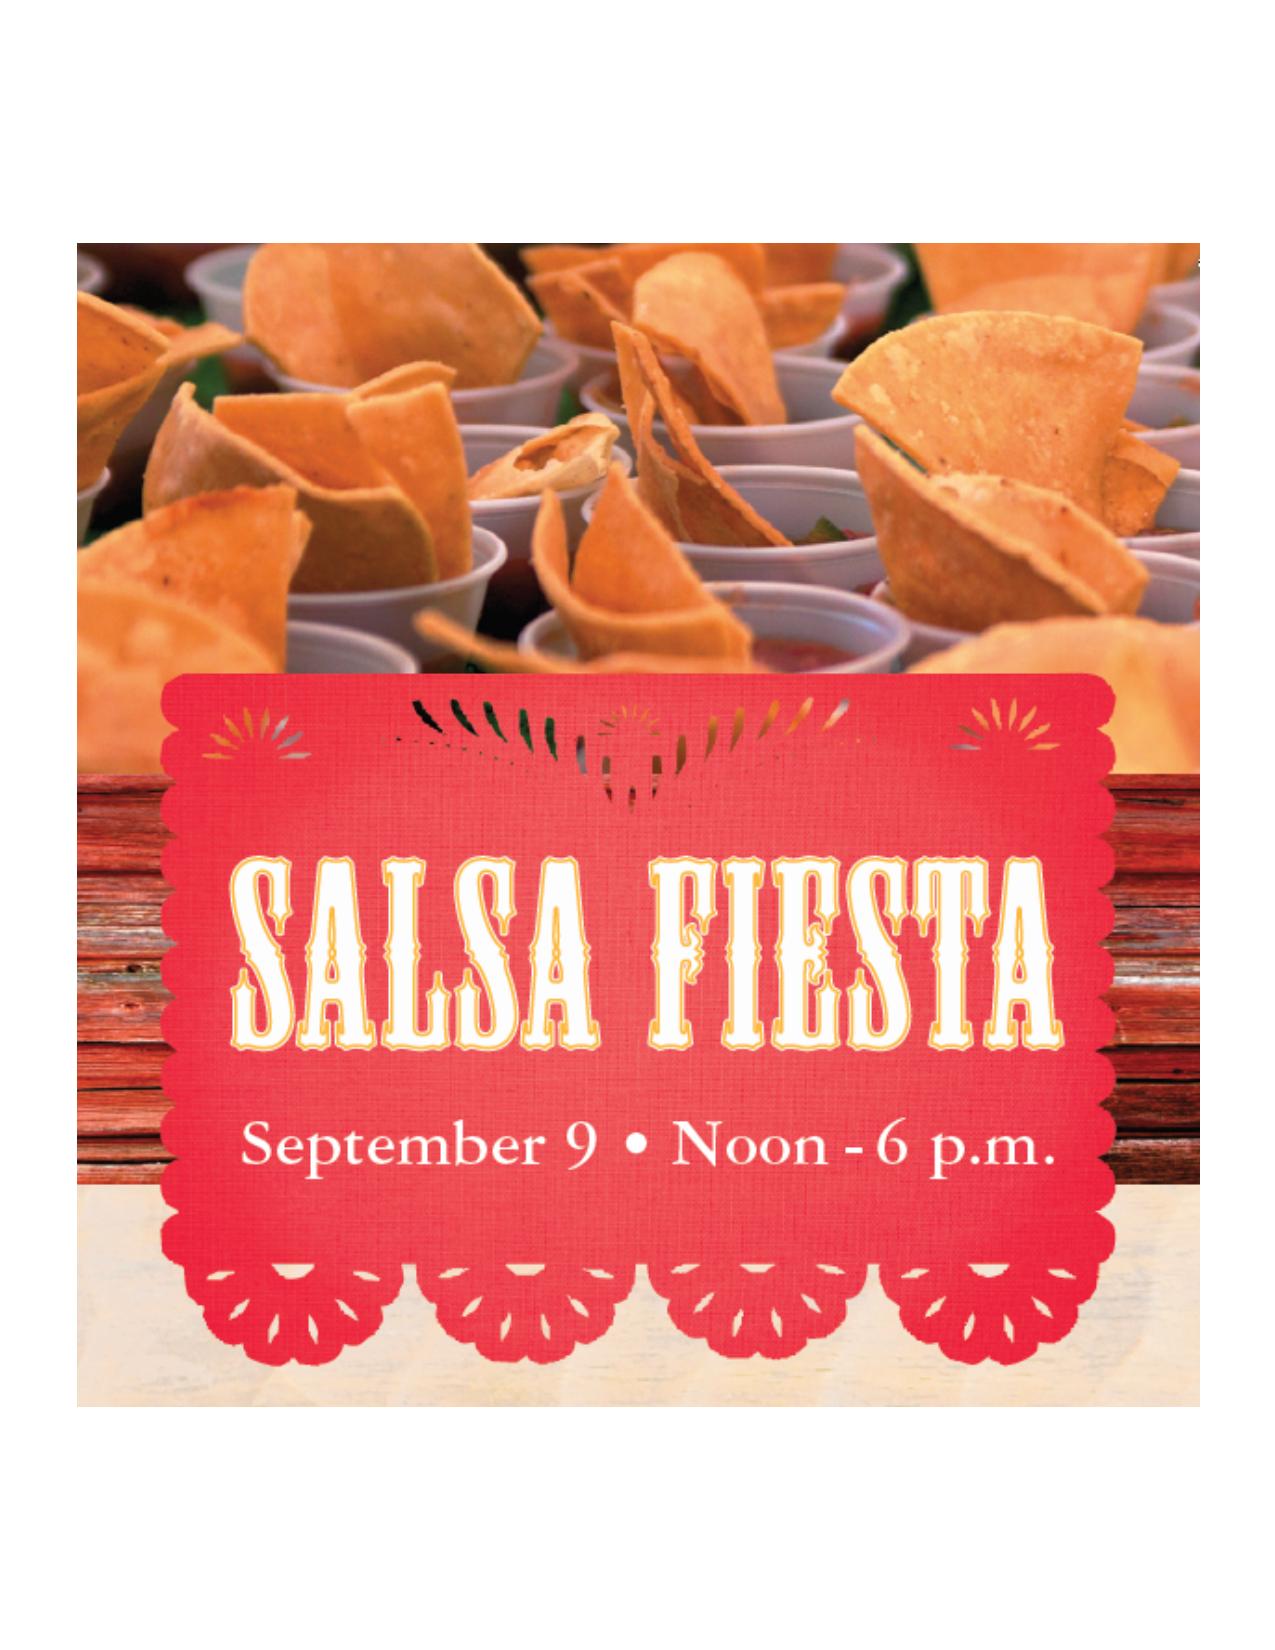 2017 Salsa Fiesta Banner